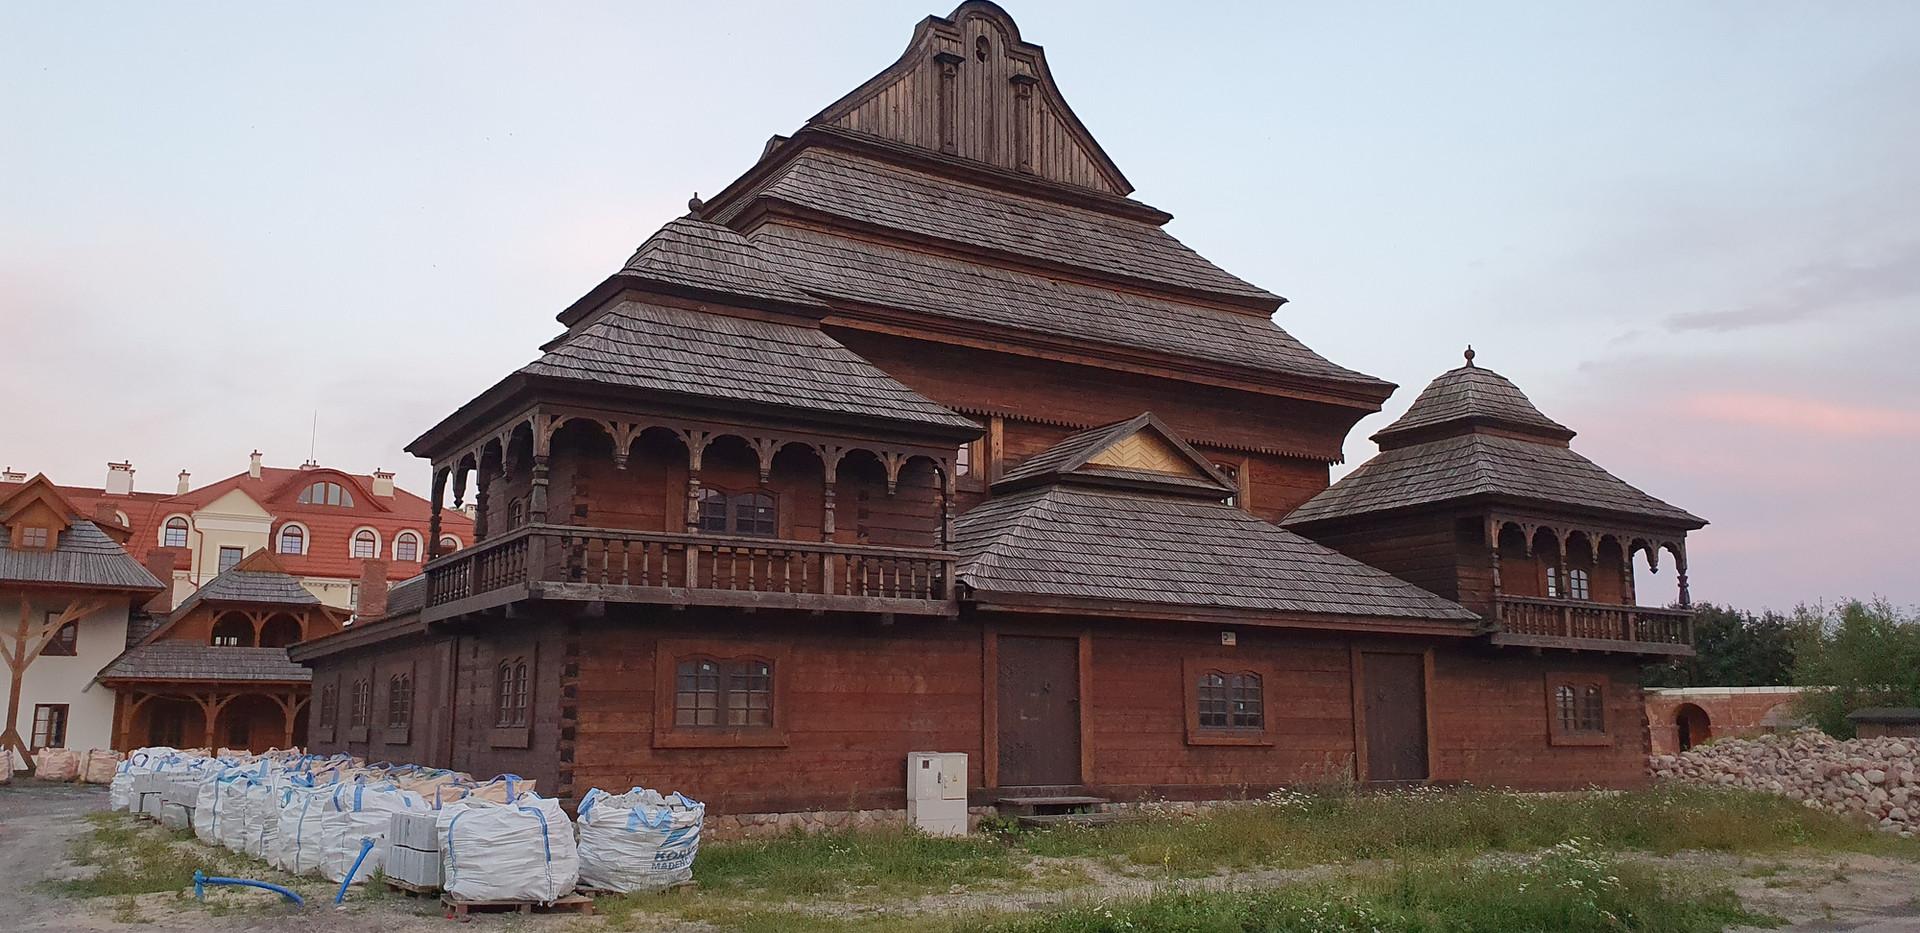 שיחזור של בית קברות מעץ בבילגוראיי